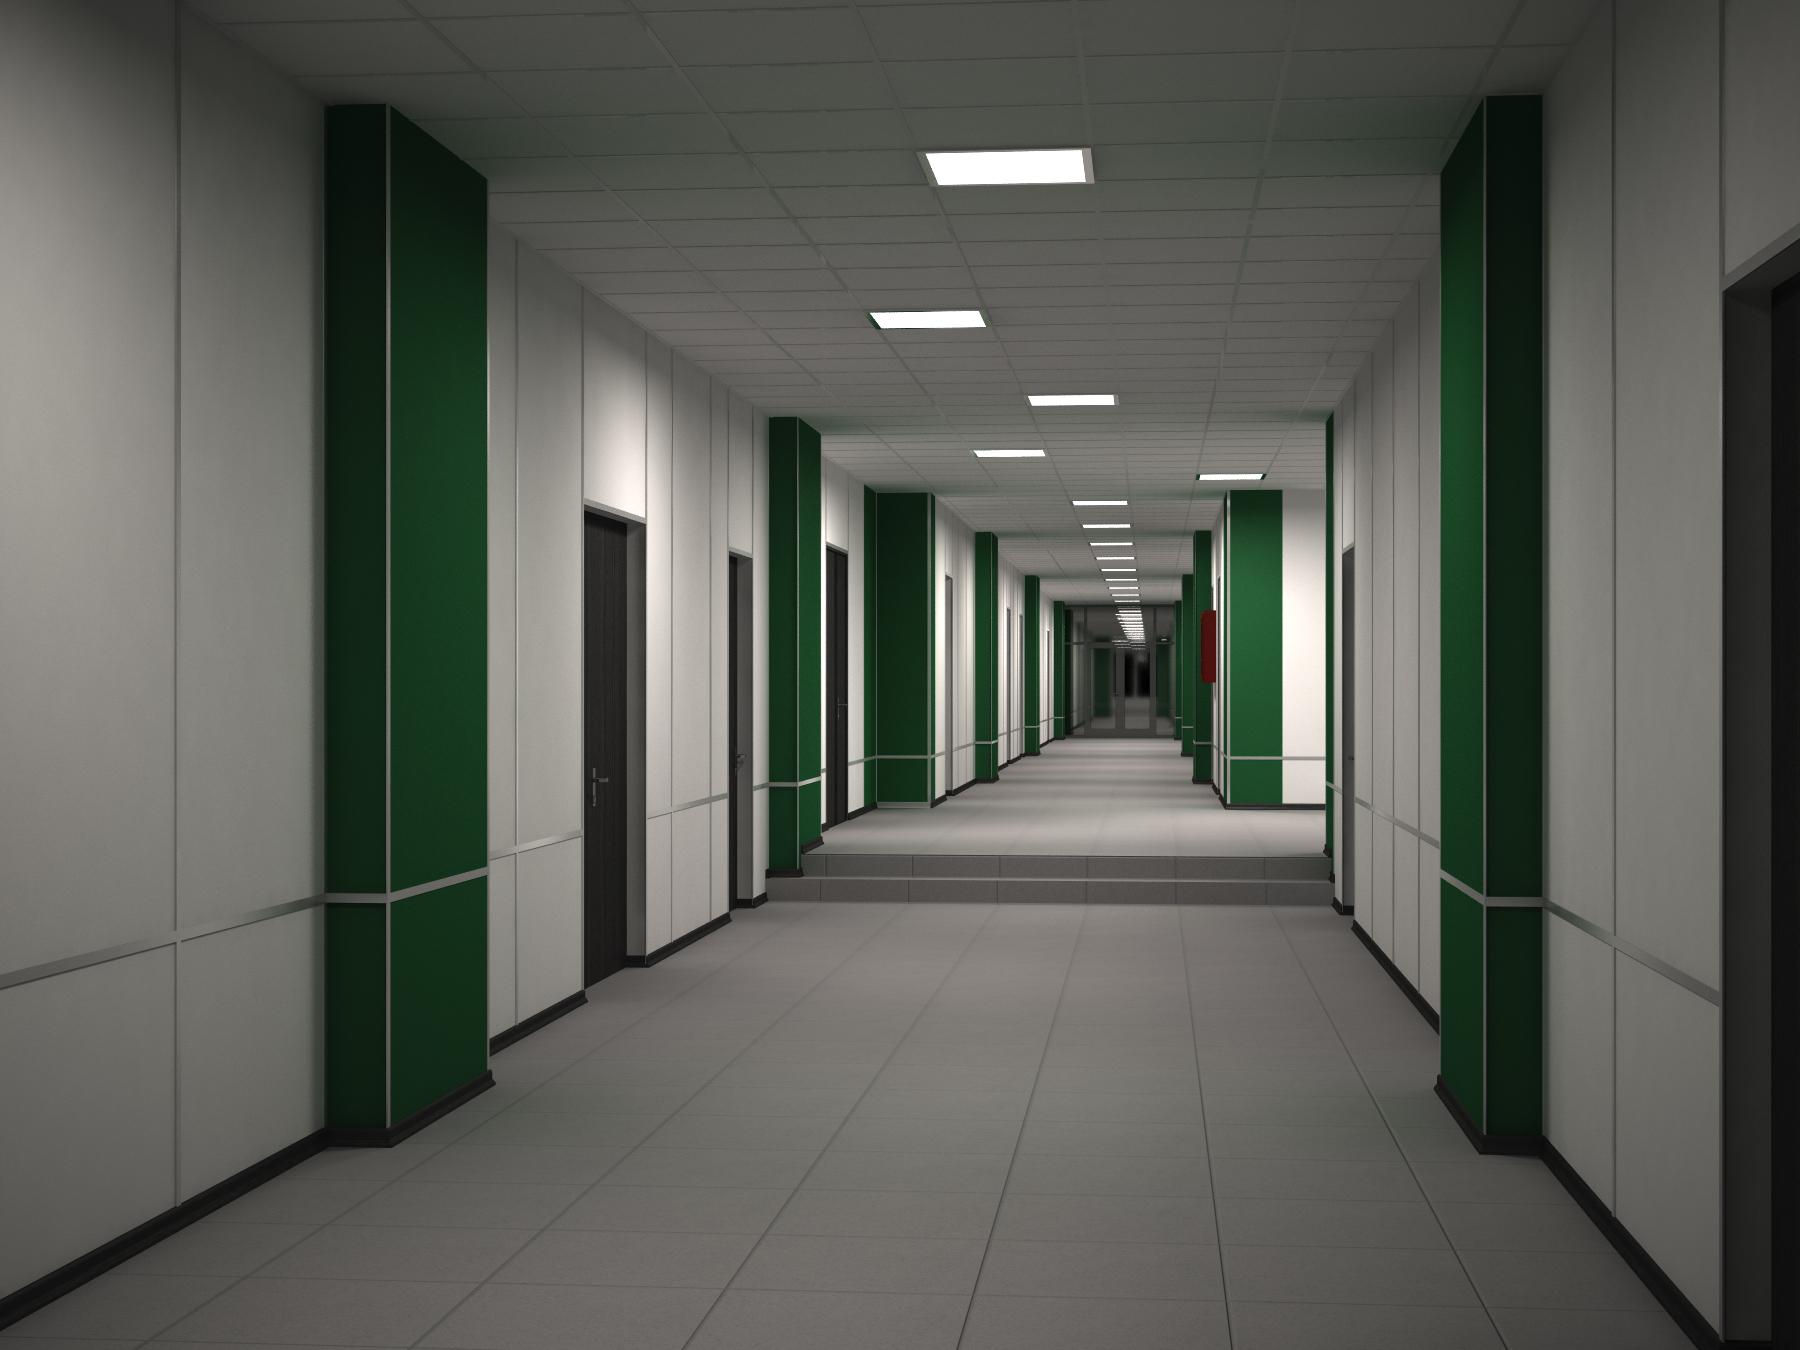 Визуализация коридора ВУЗа